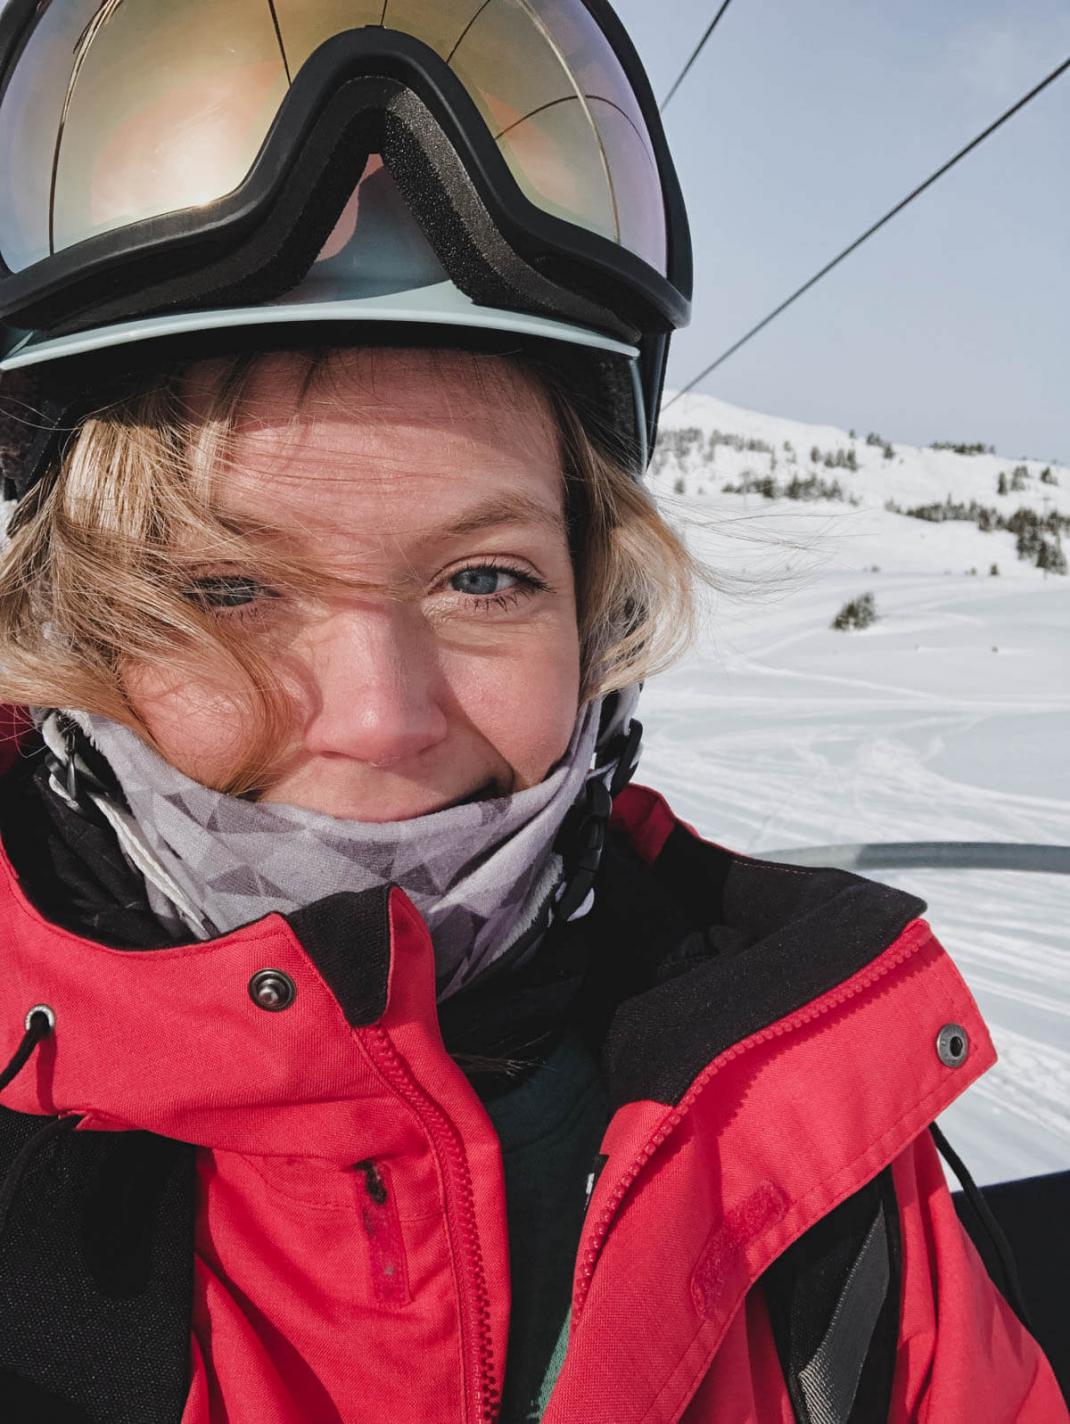 Das kostet der Winterurlaub in Kanada Liftselfie